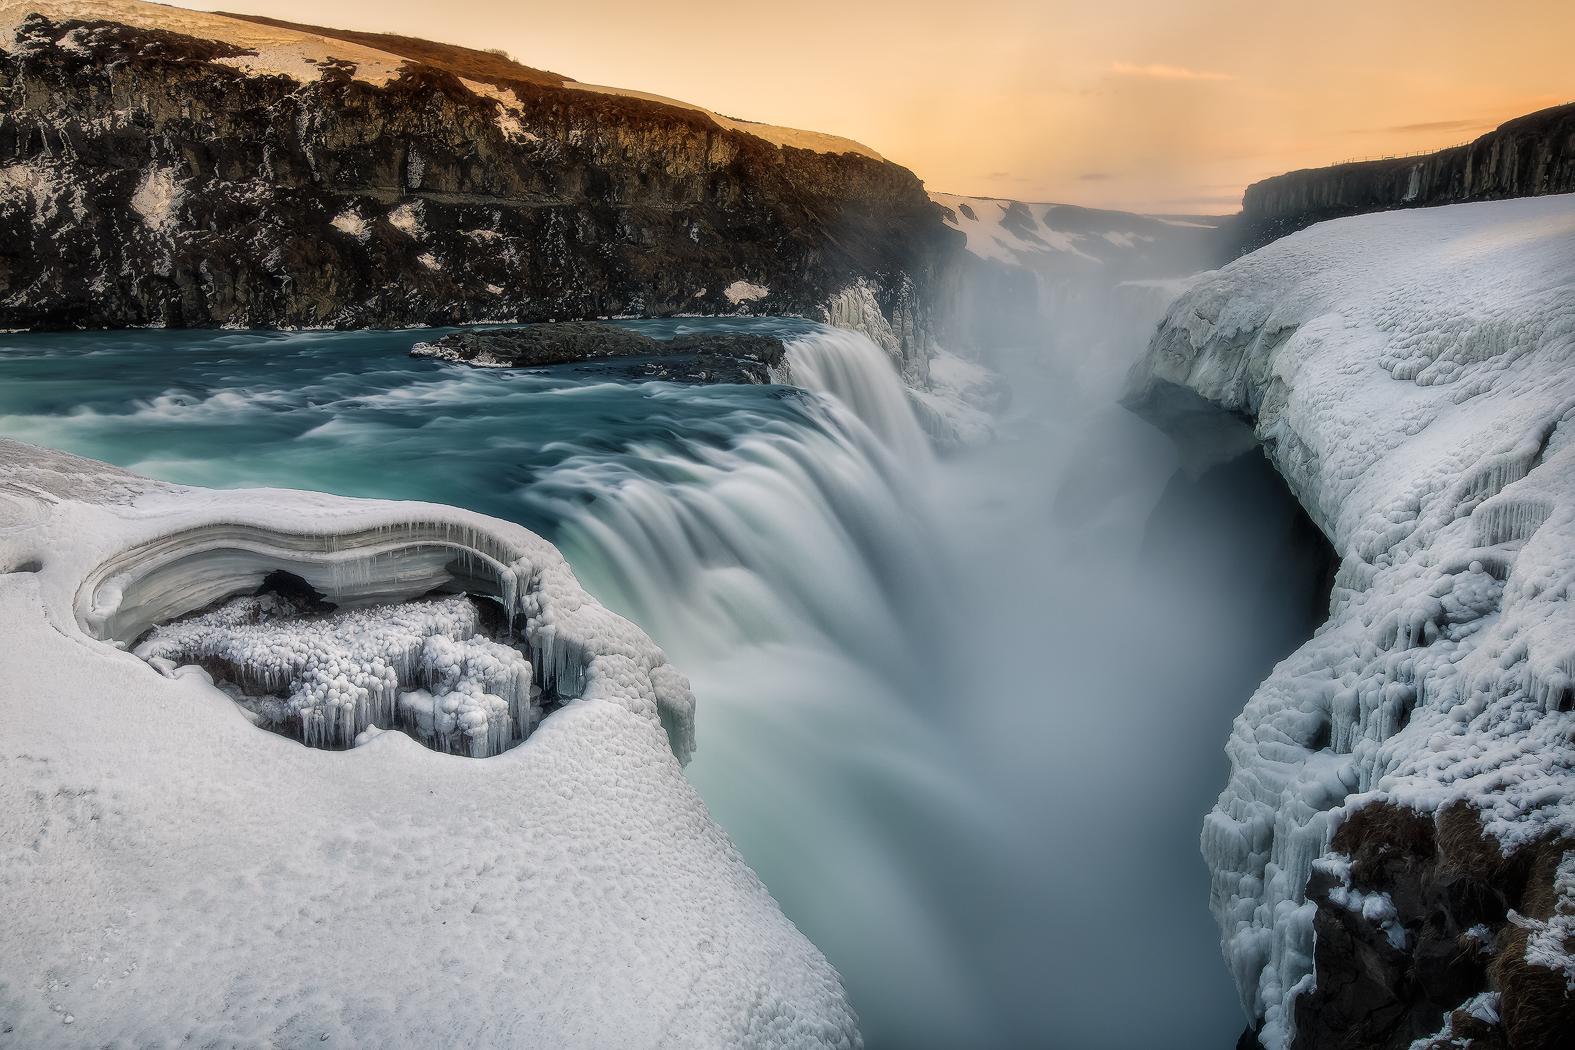 冰岛黄金瀑布在冬季时银装素裹